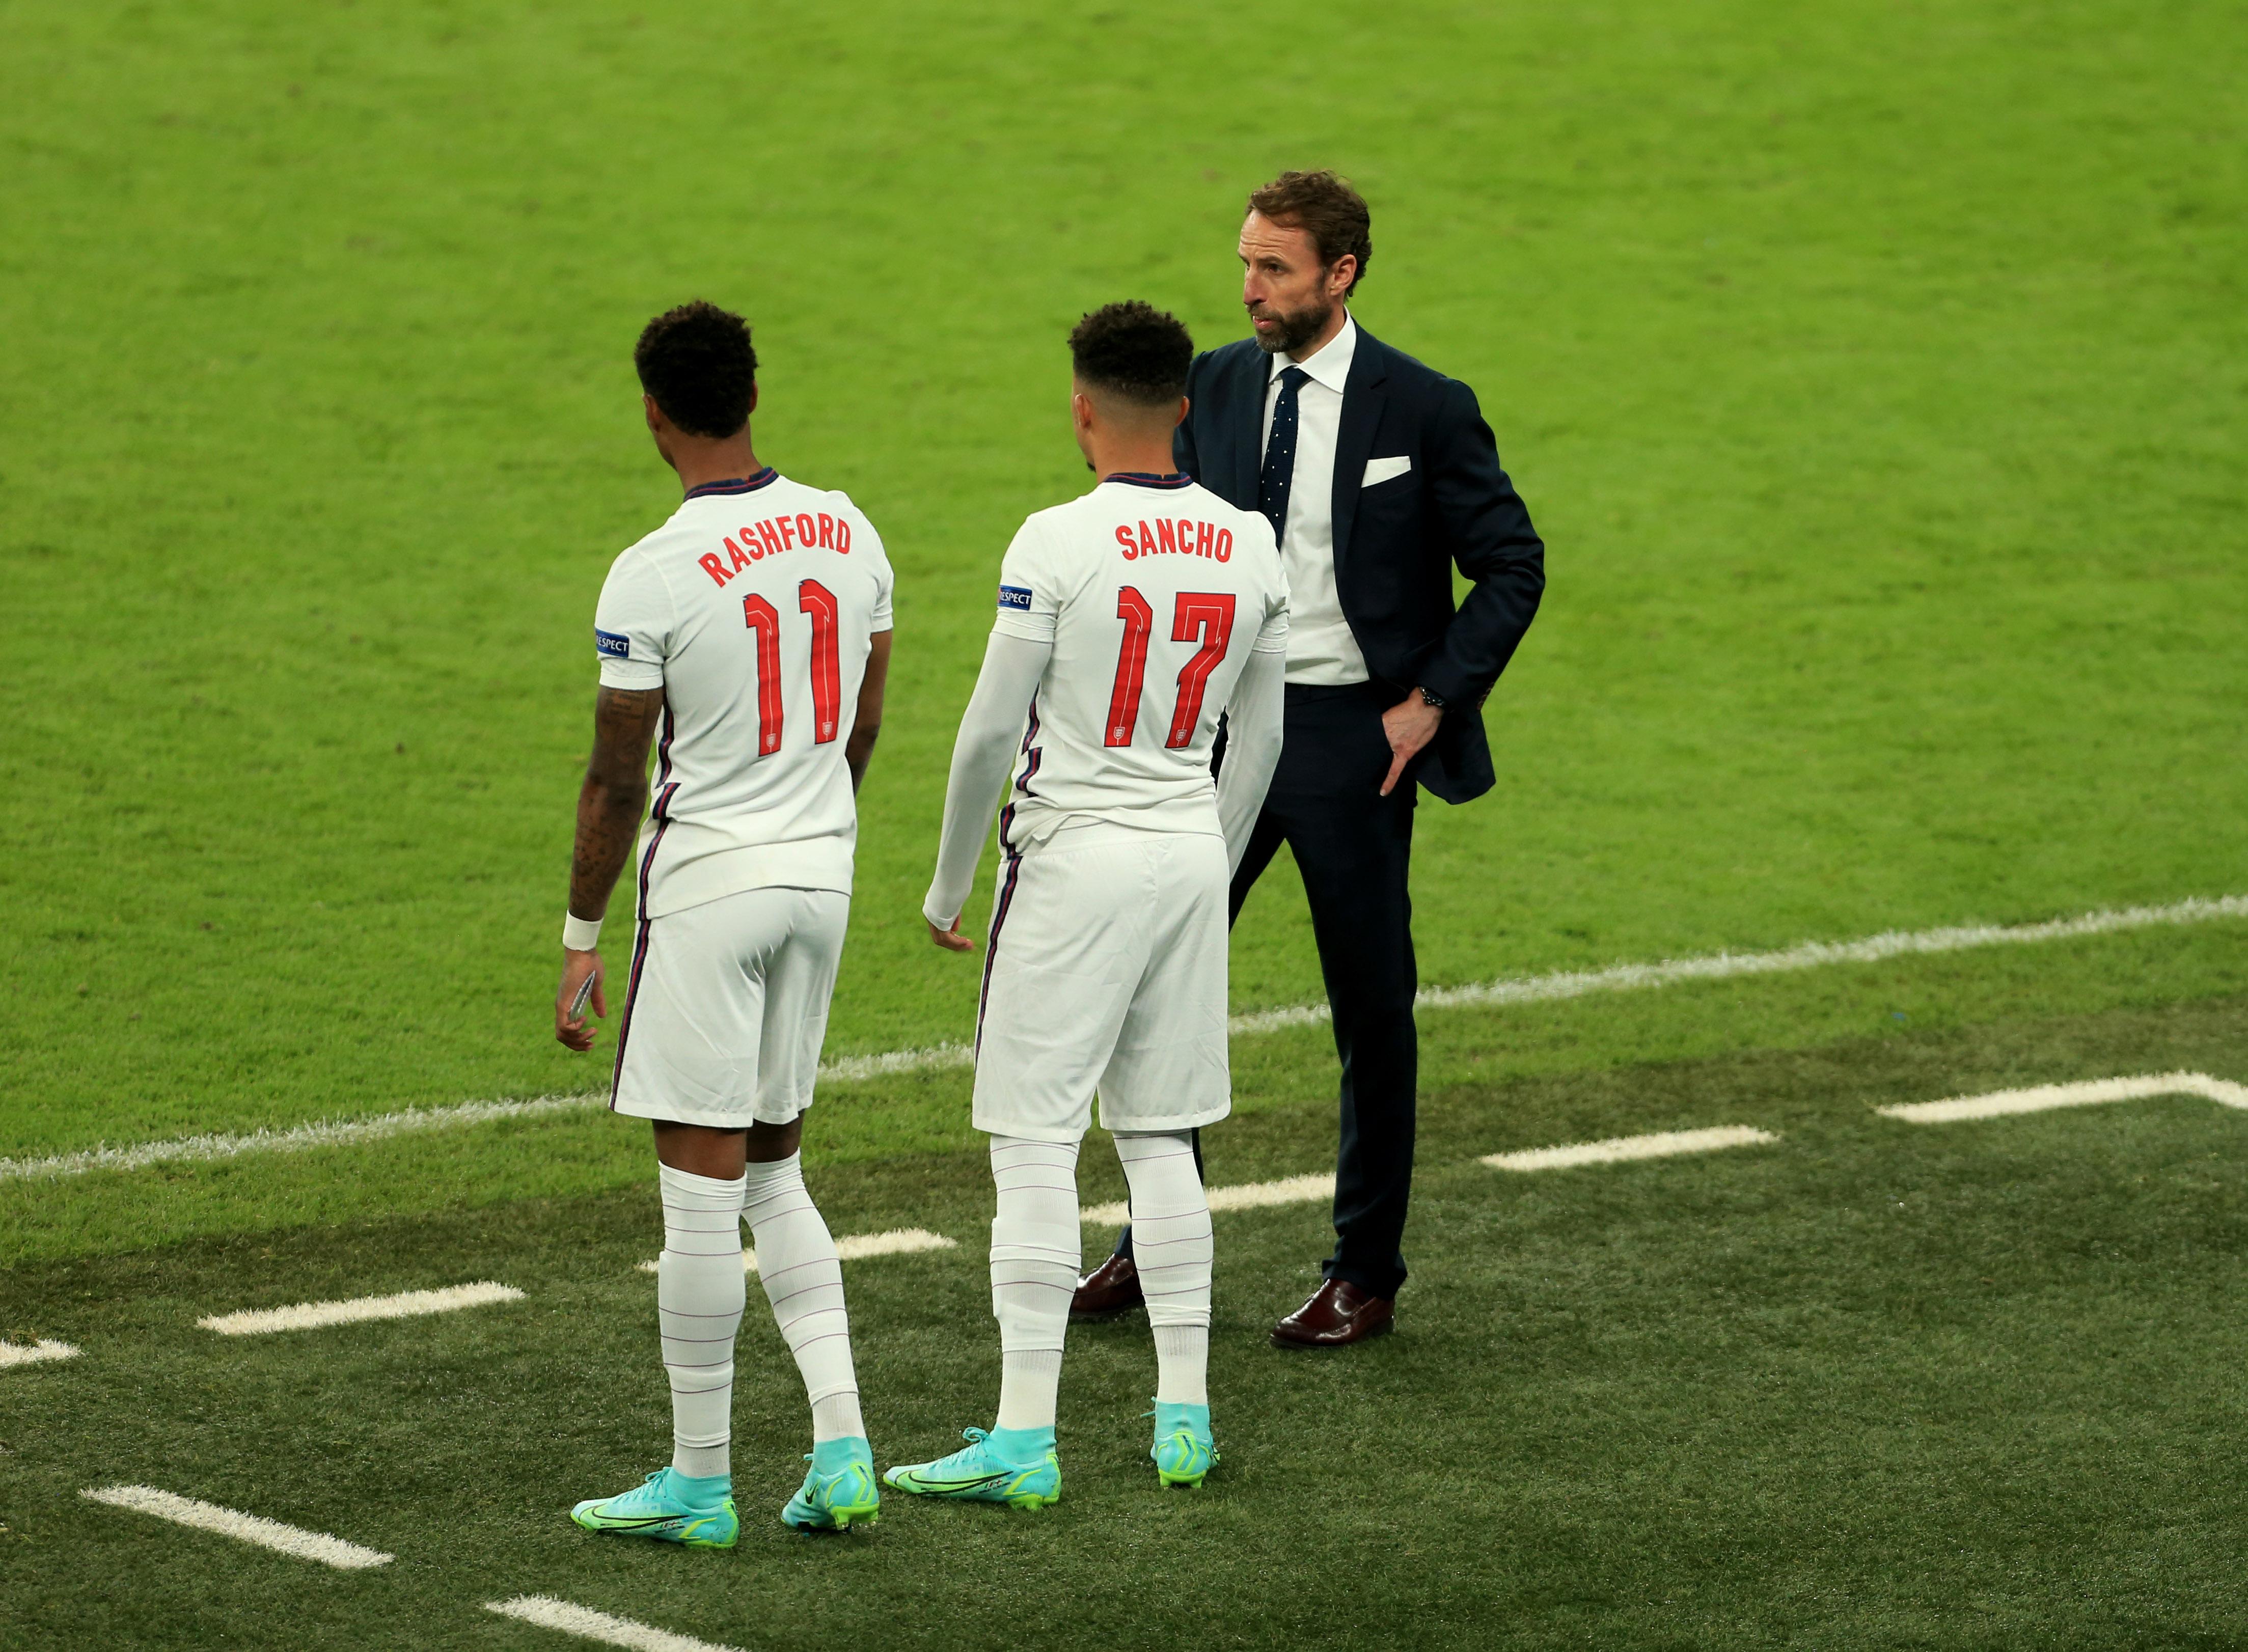 桑乔和拉什福德都是加时赛最后时刻被换上场踢点球的,结果双双罚丢。